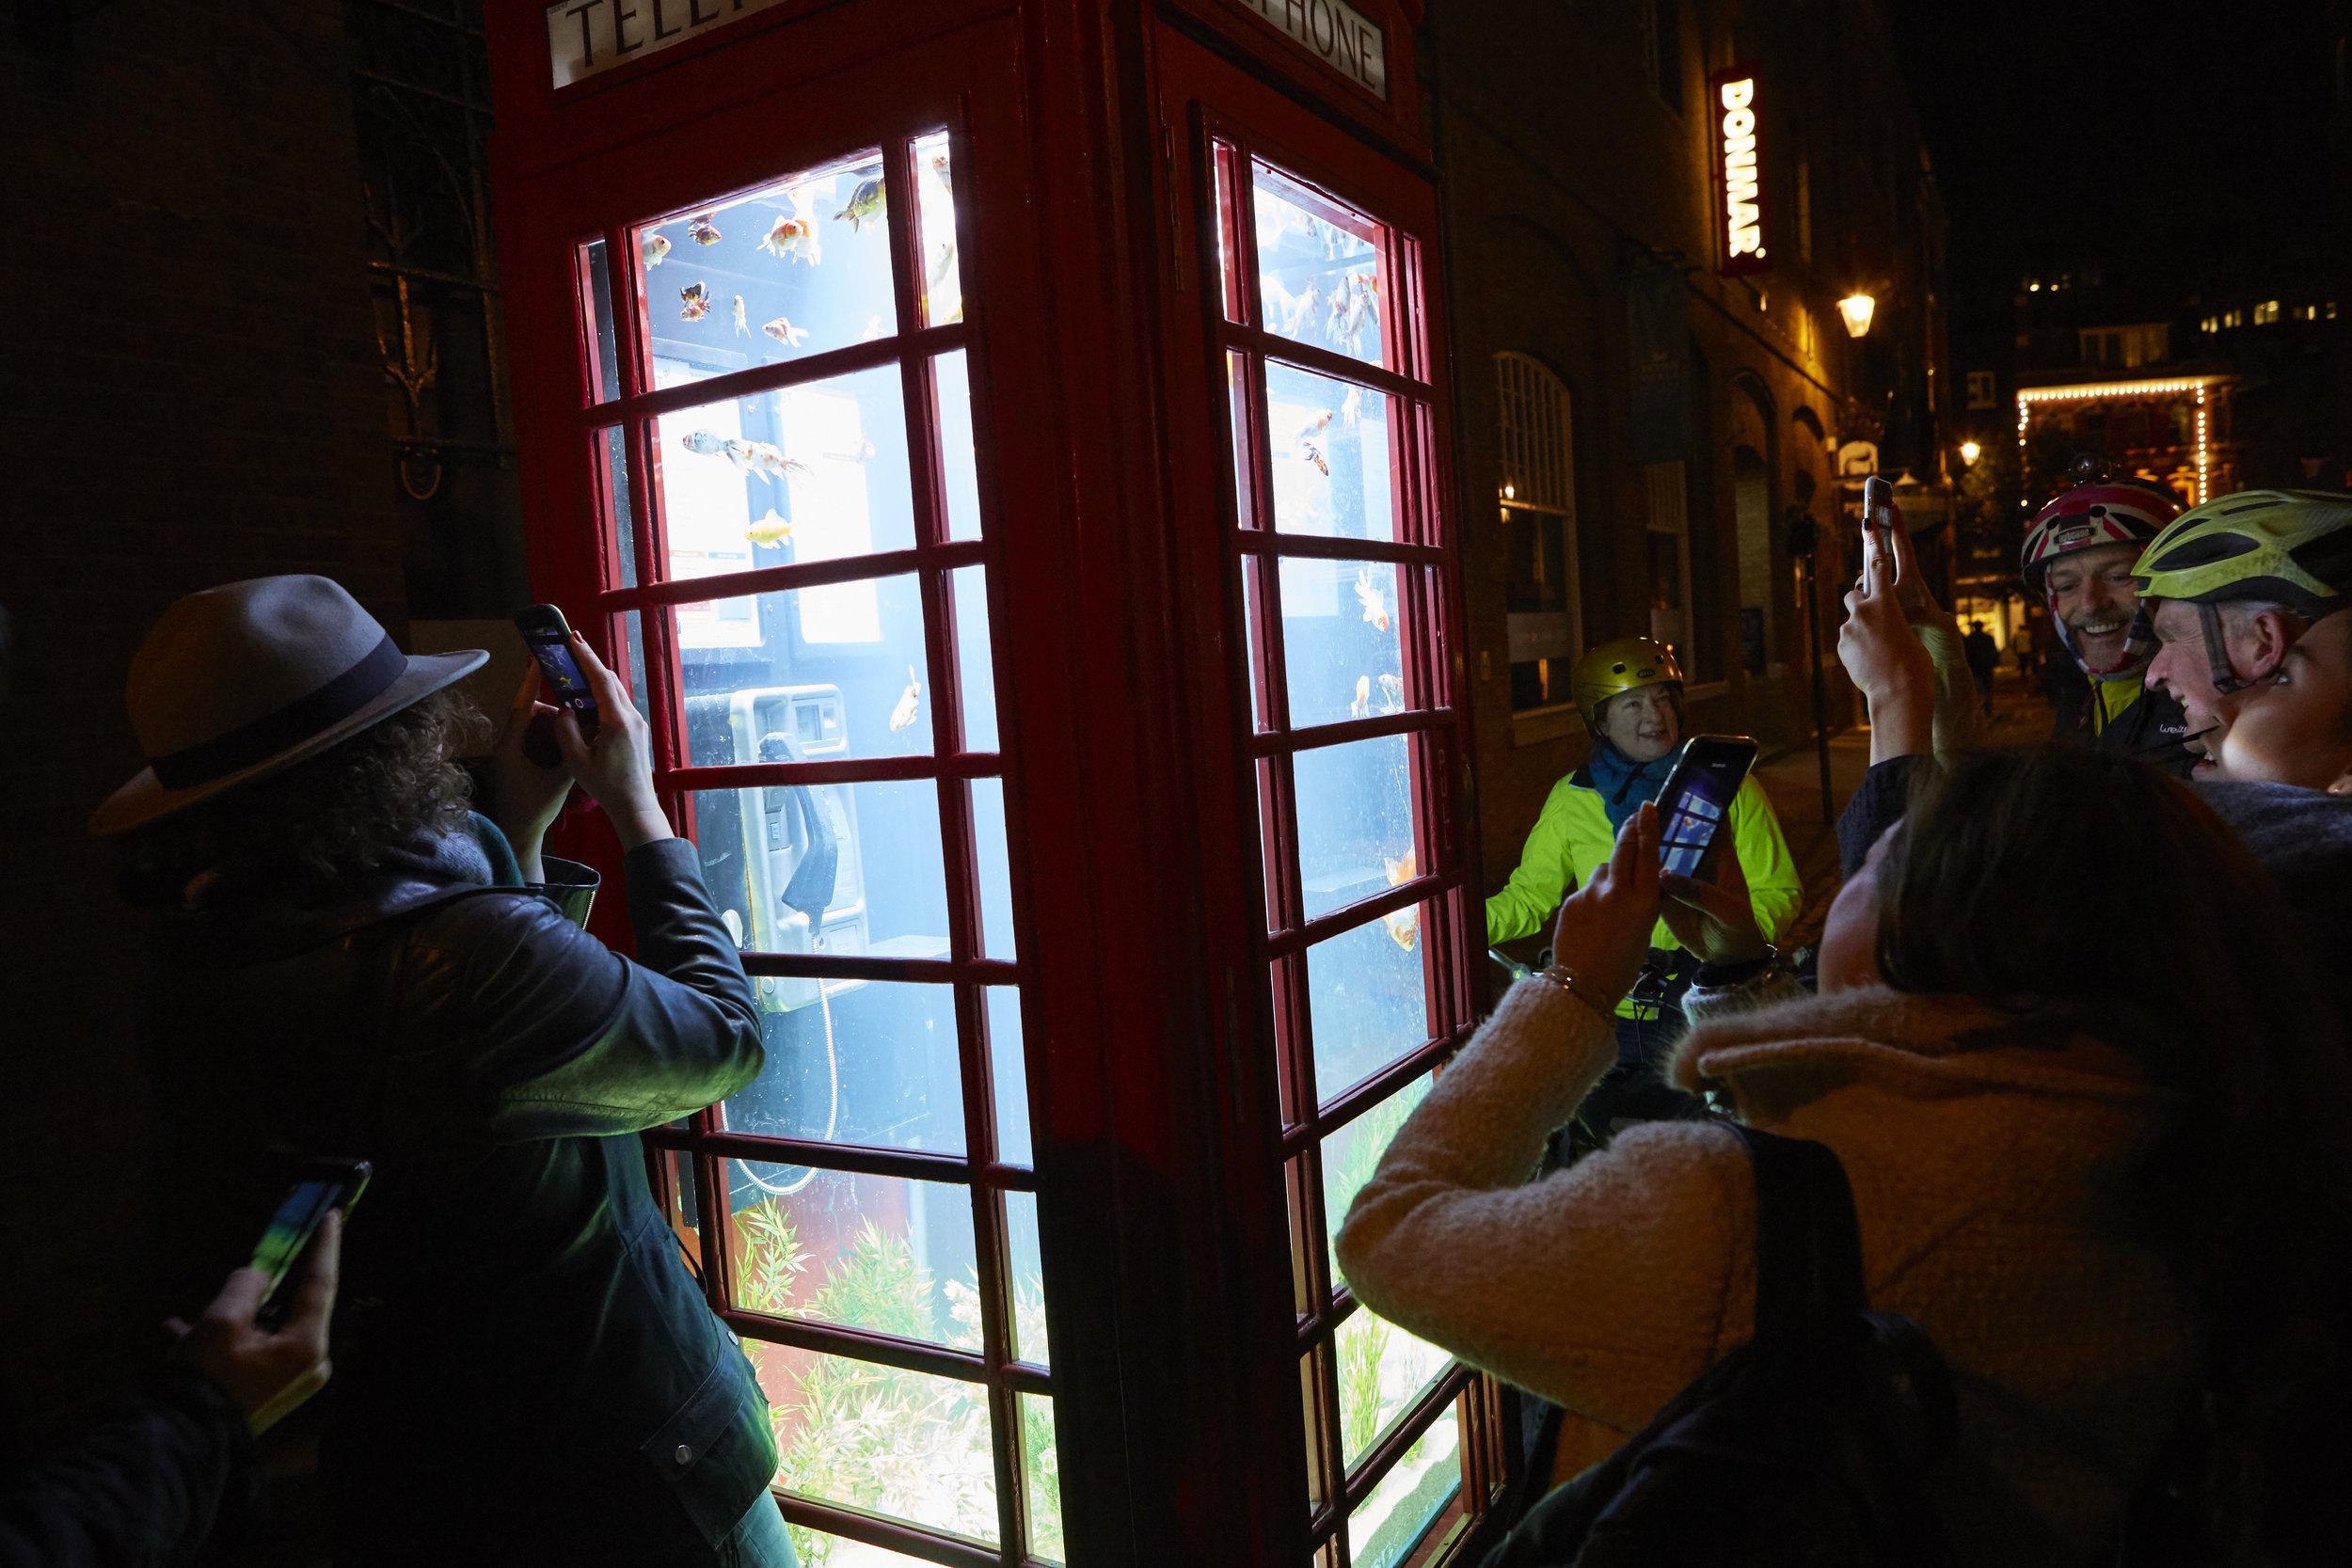 Ett akvarium i telefonkiosken! Fram med mobilkamerorna! Projicering av Benedetto Bufalino och Benoit Deseille i en traditionell, röd telefonkiosk.